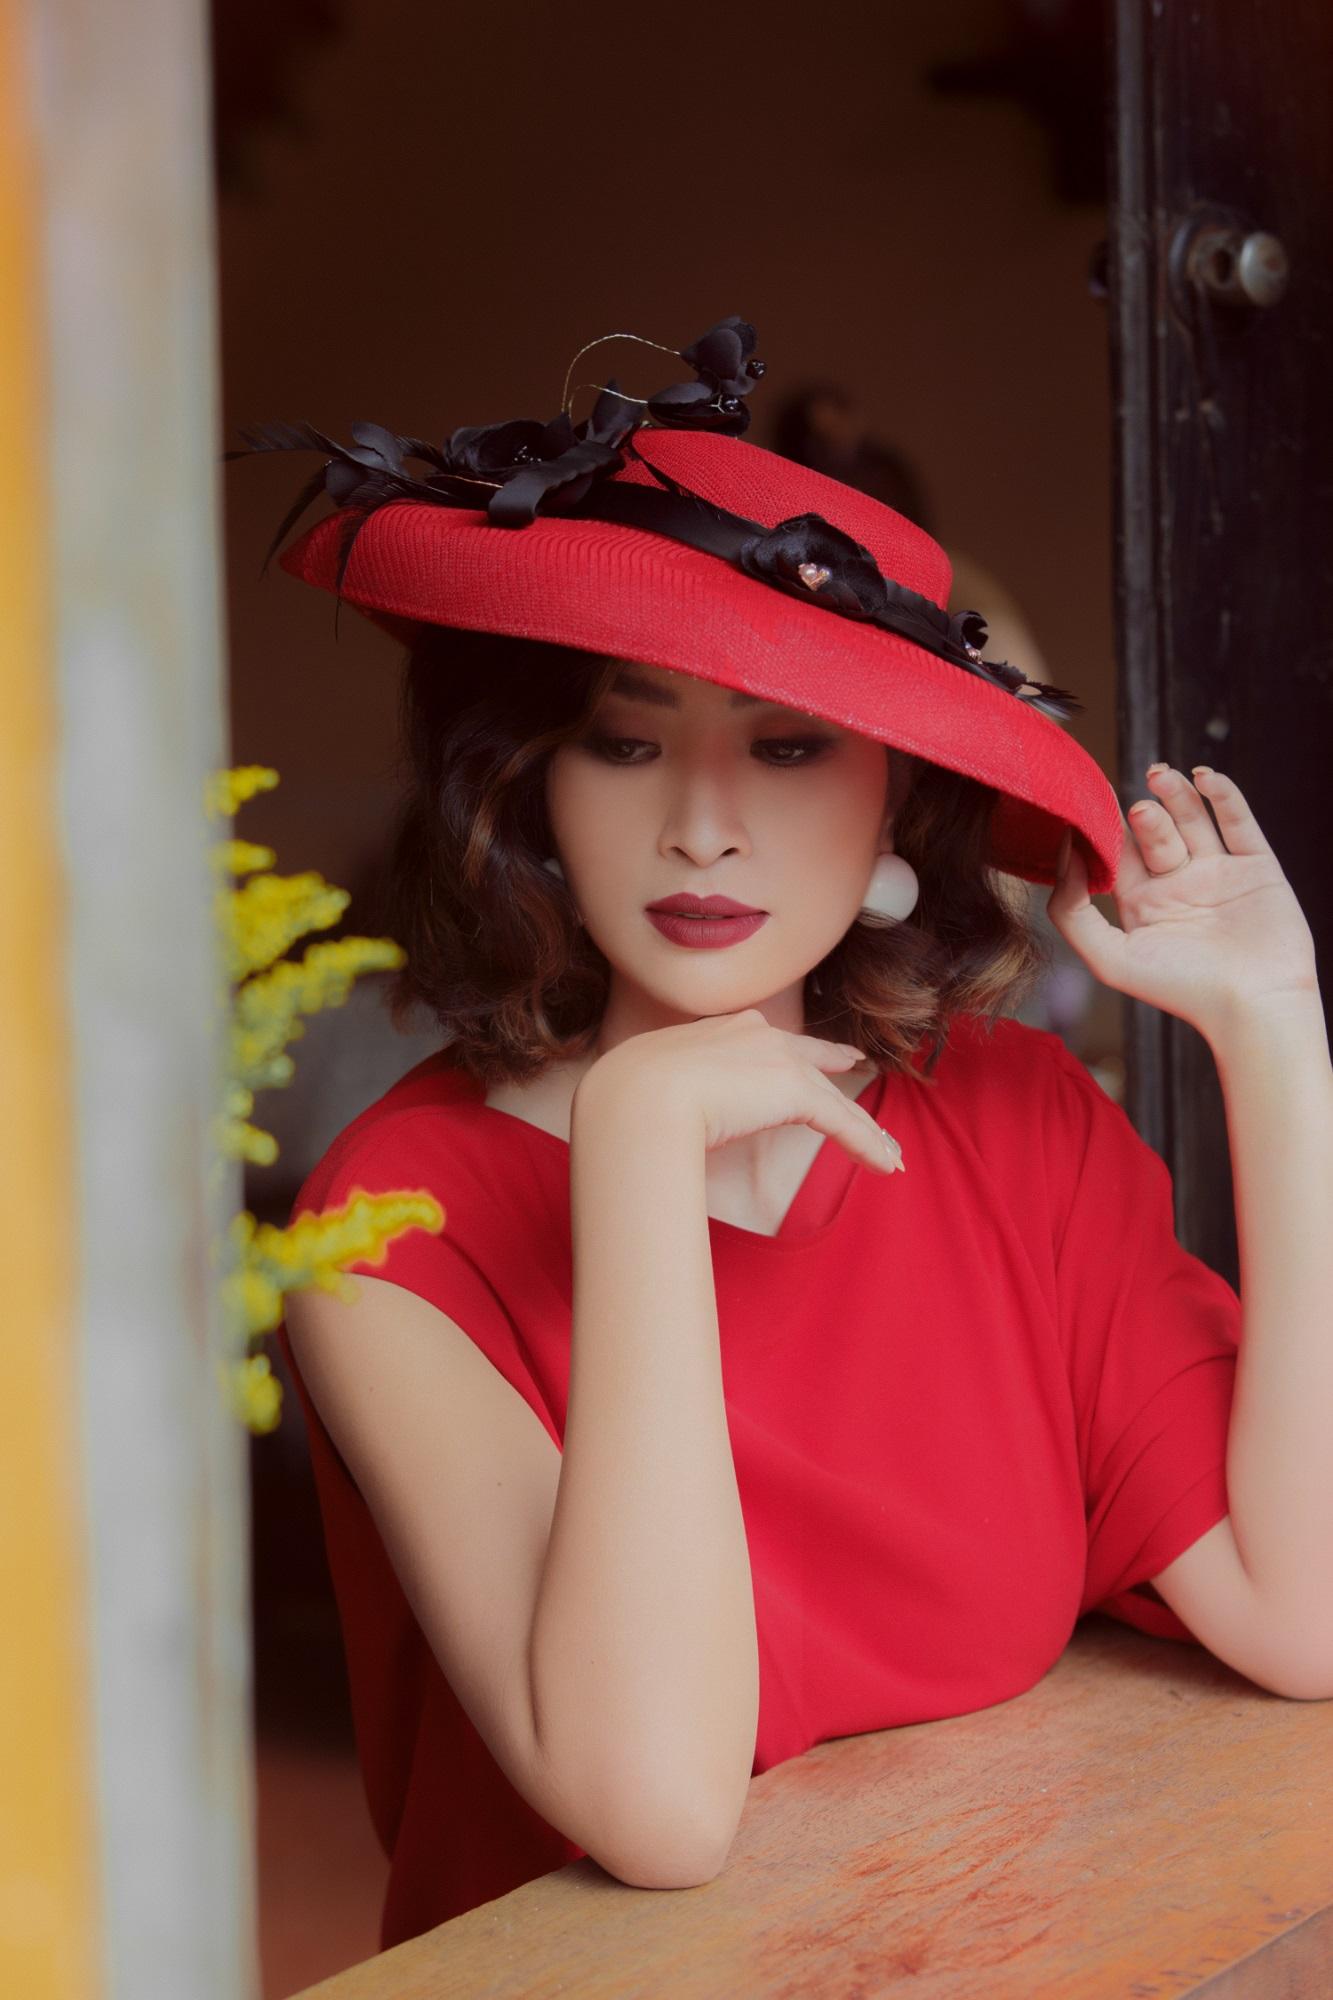 Hồng Nhung 'Sao Mai điểm hẹn': 'Tôi nuôi con không cần chồng cũ chu cấp' - Ảnh 2